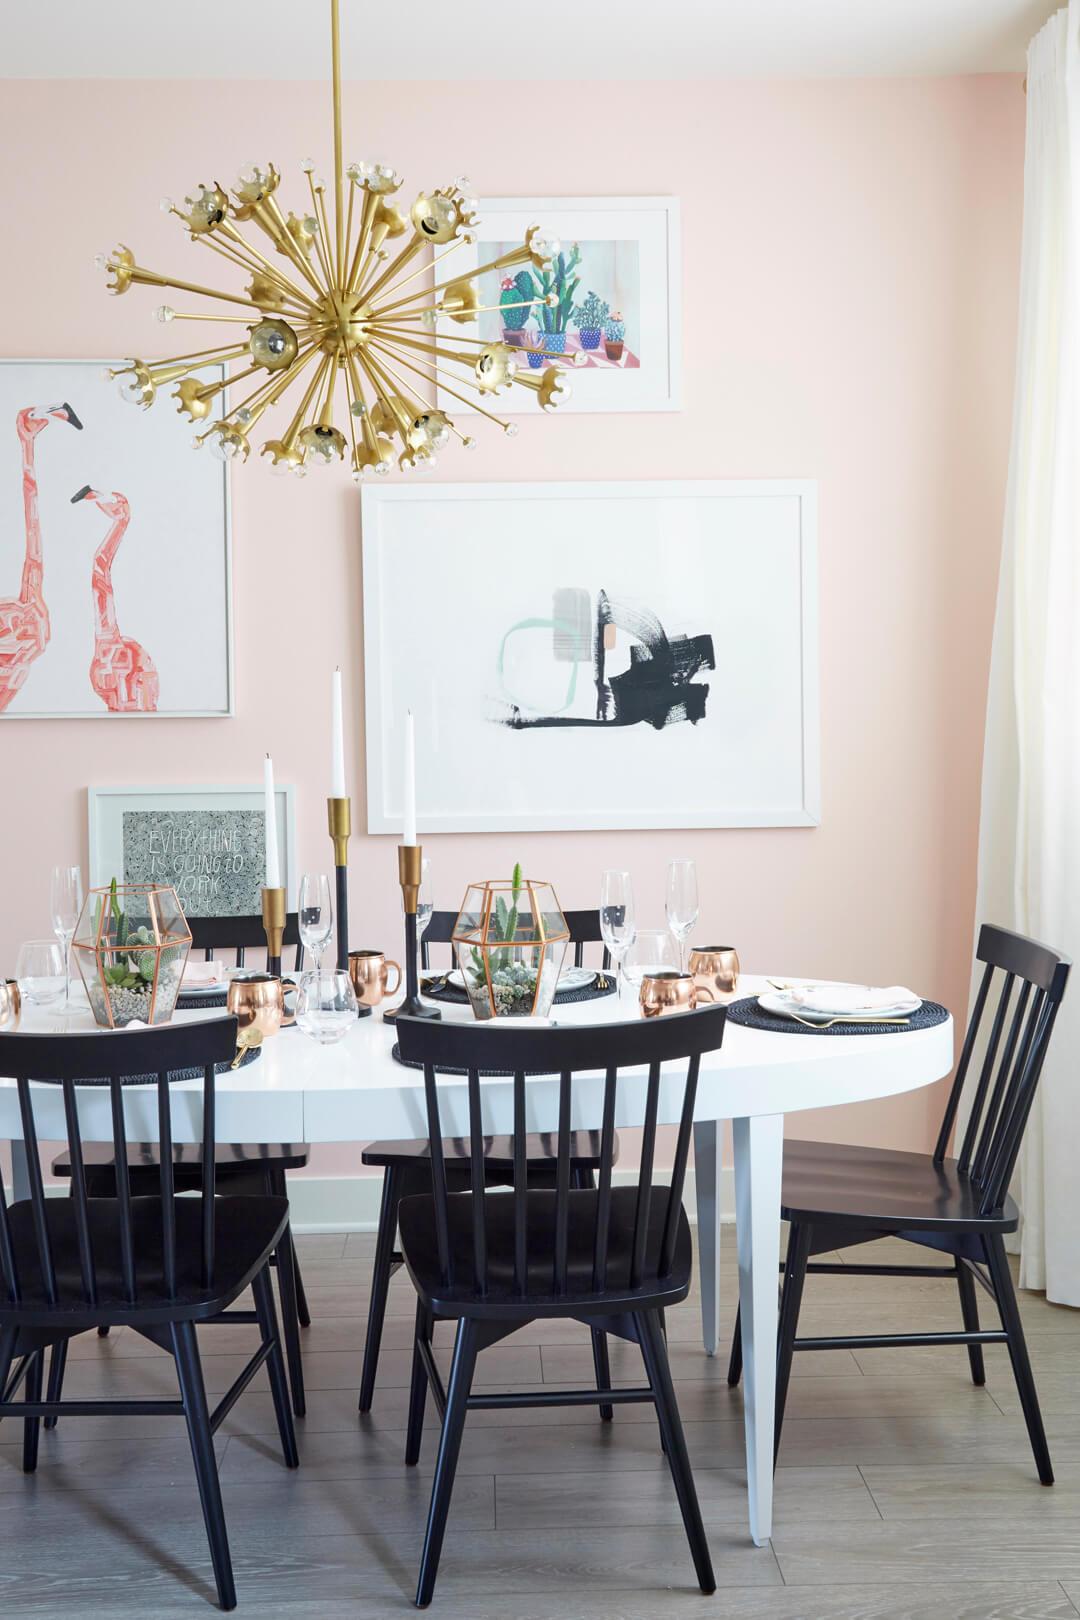 Dining_Room_Shot_1